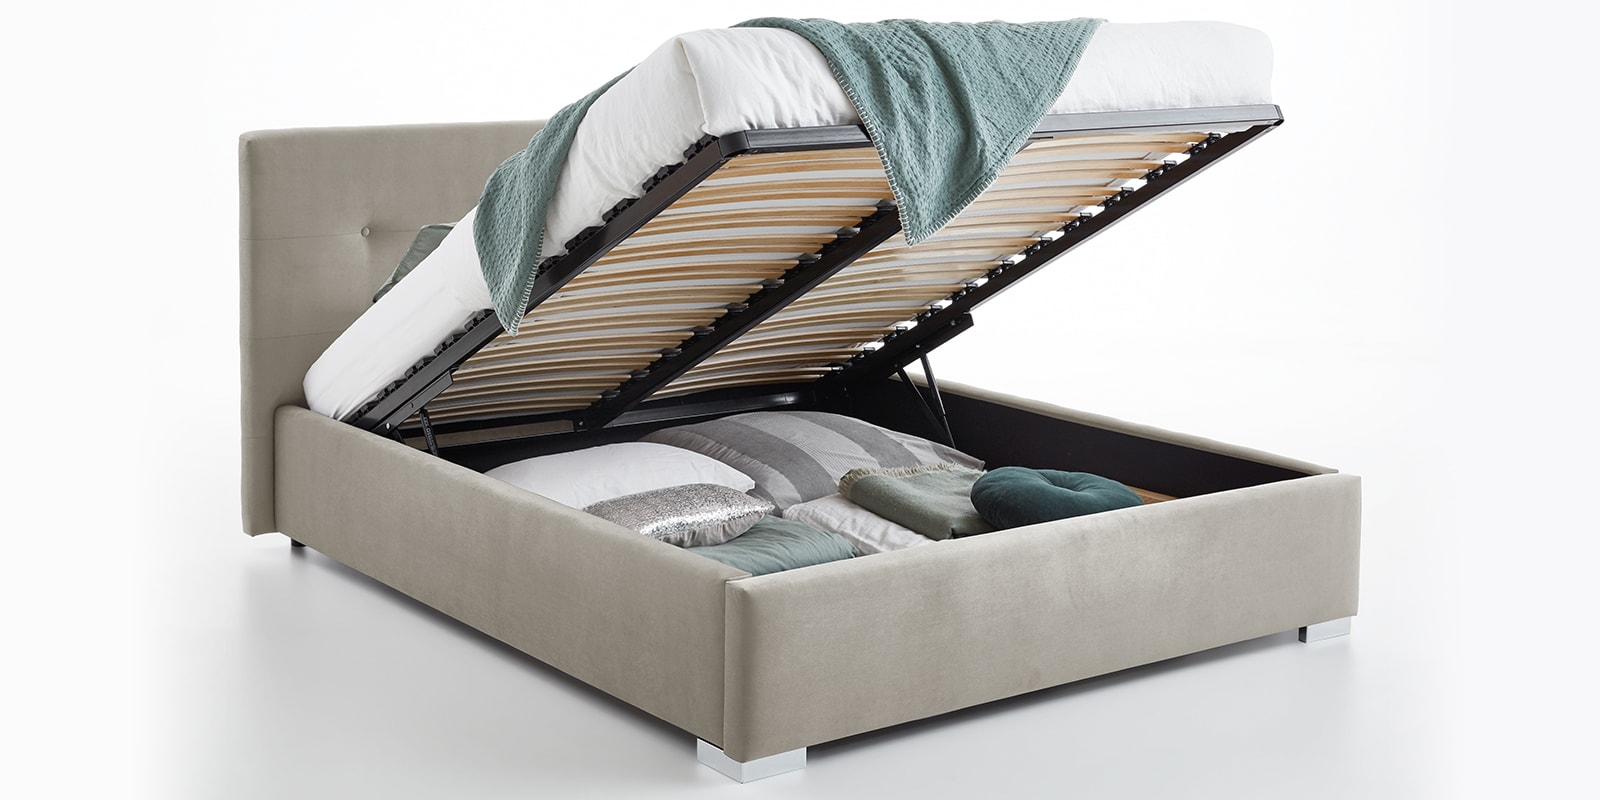 Moebella24 - Bett - mit - Bettkasten - Betty - Samt - Altweiß - Stauraum - Kopfteil - mit - Knopfheftung - Bettkasten - Geöffnet - Von - vorne - links